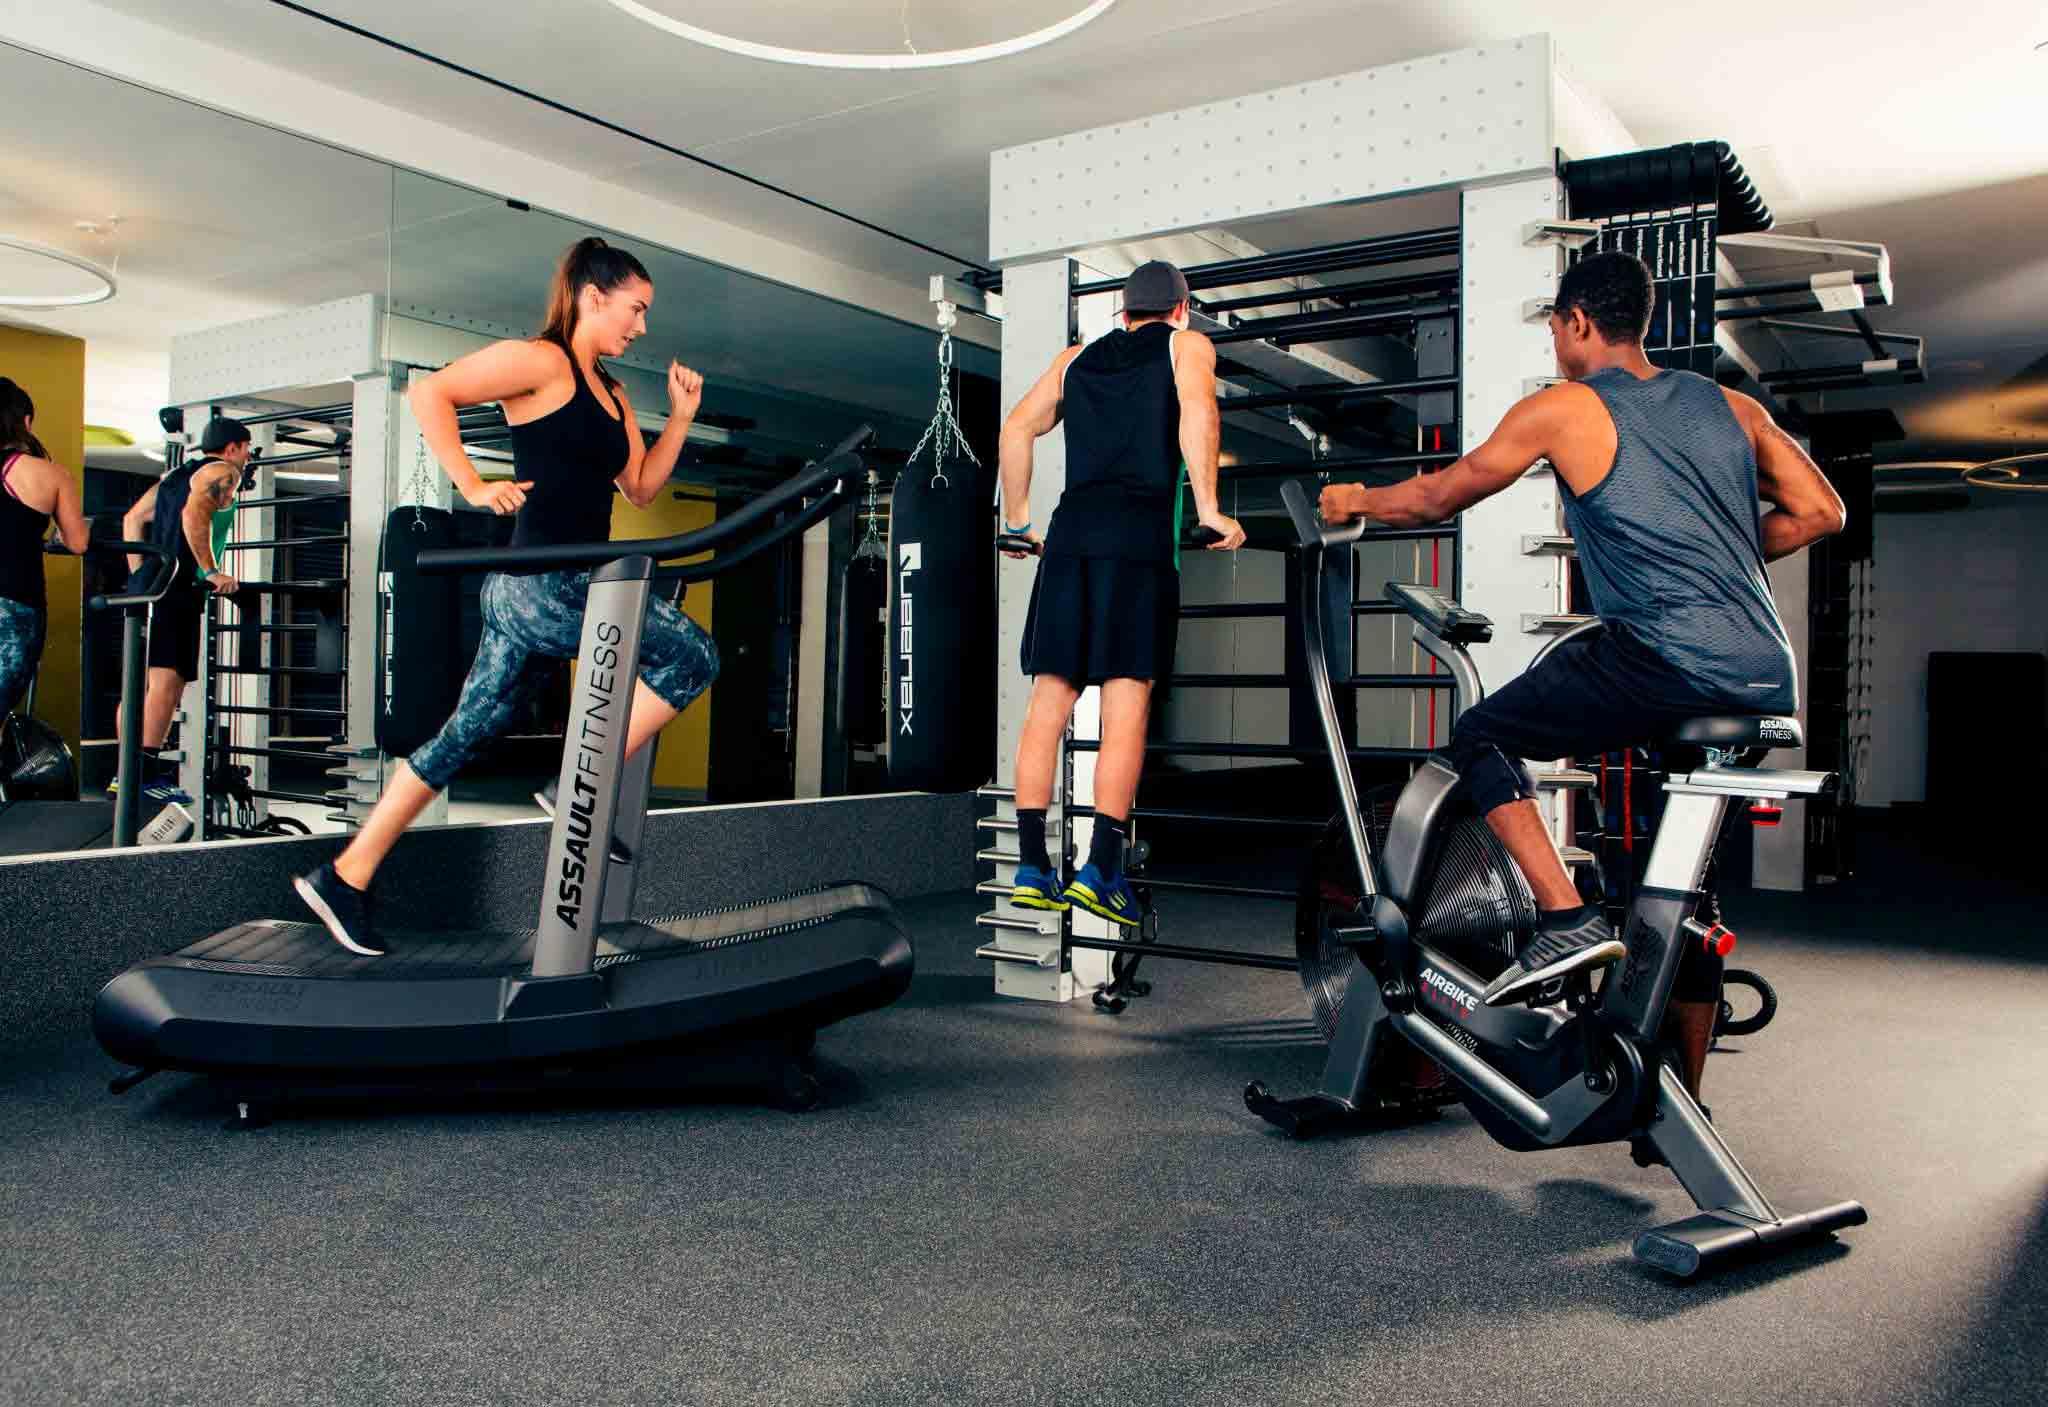 Practicando ejercicio hit con máquinas Assault